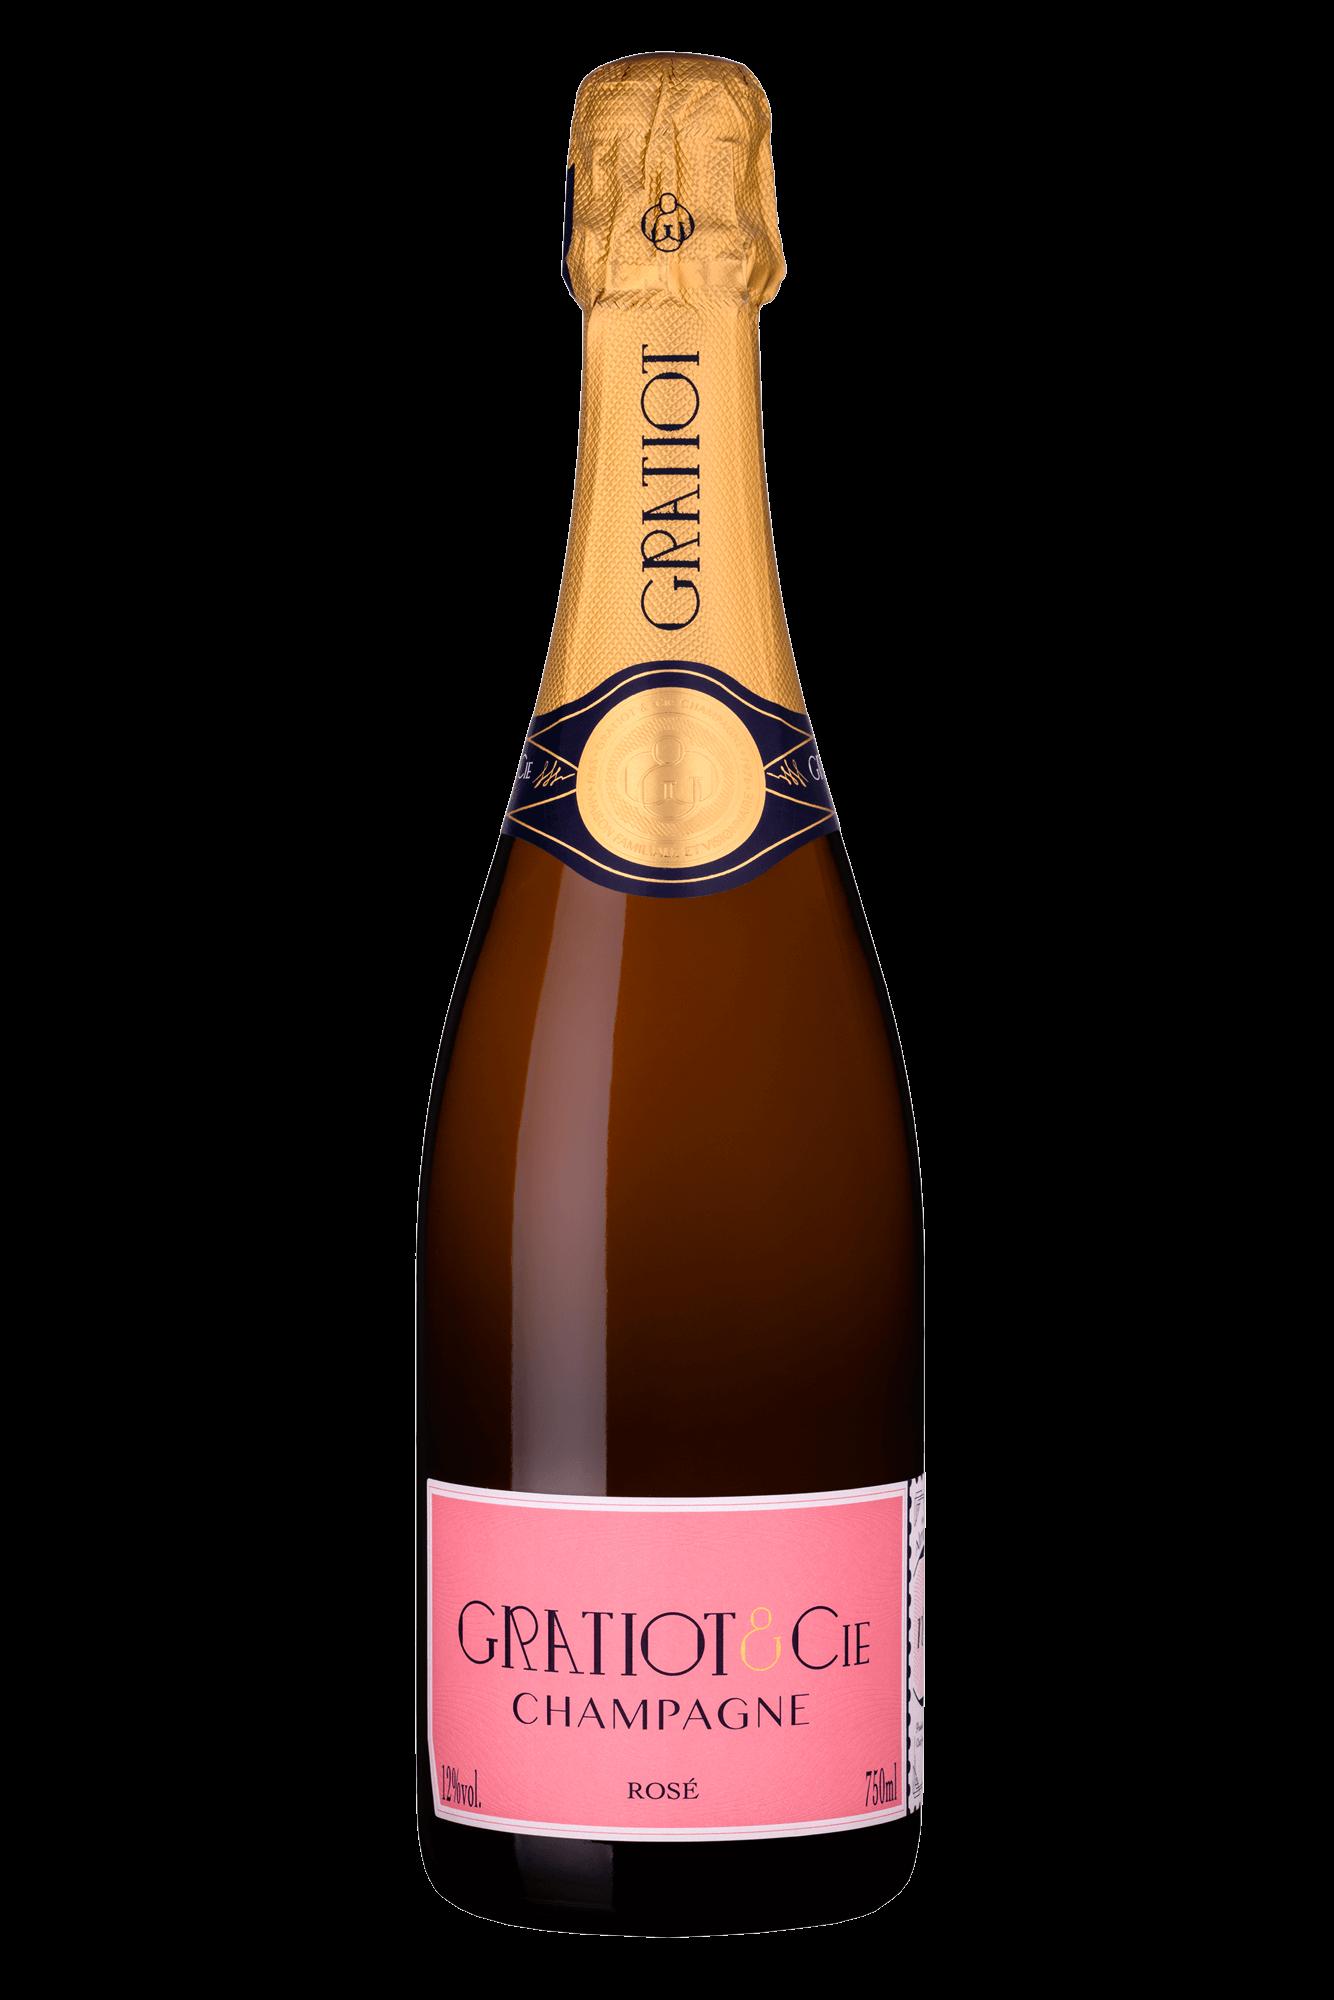 Champagne Rosé nouveau - Gratiot & Cie